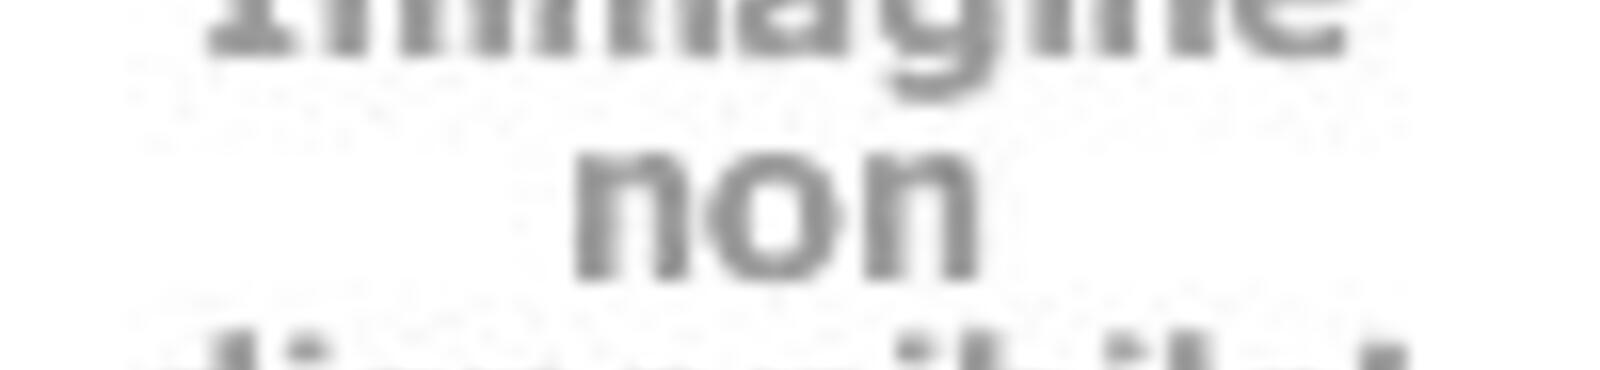 petronianaviaggi it ravenna-citta-del-mosaico-v339 002